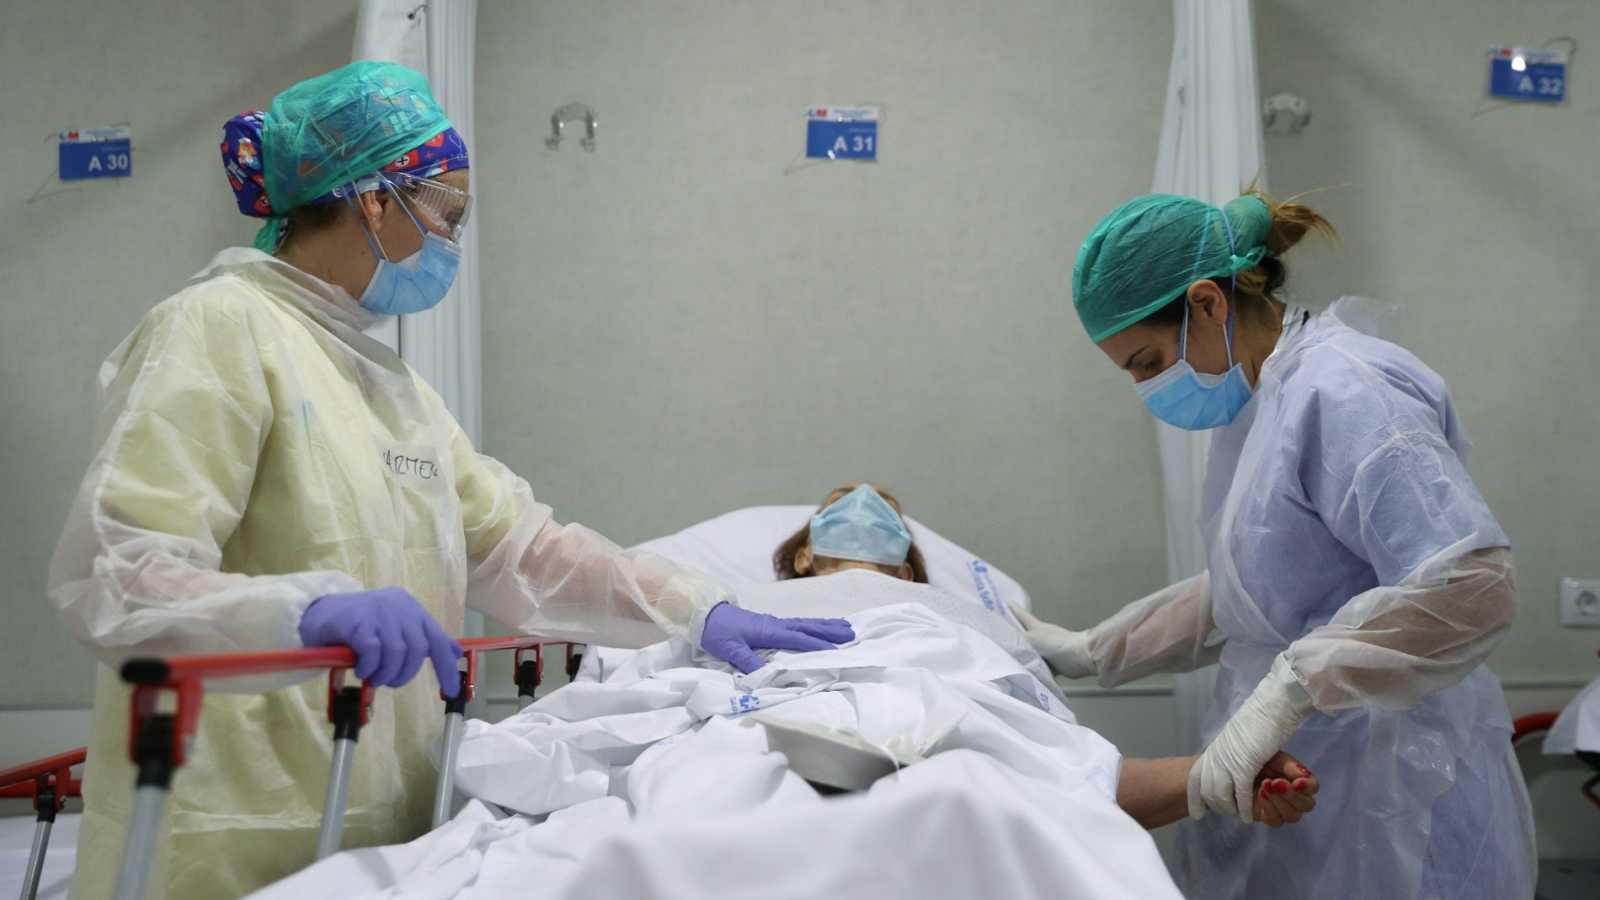 Dos profesionales sanitarios atienden a una persona enferma de coronavirus en el Hospital Infanta Sofía de Madrid